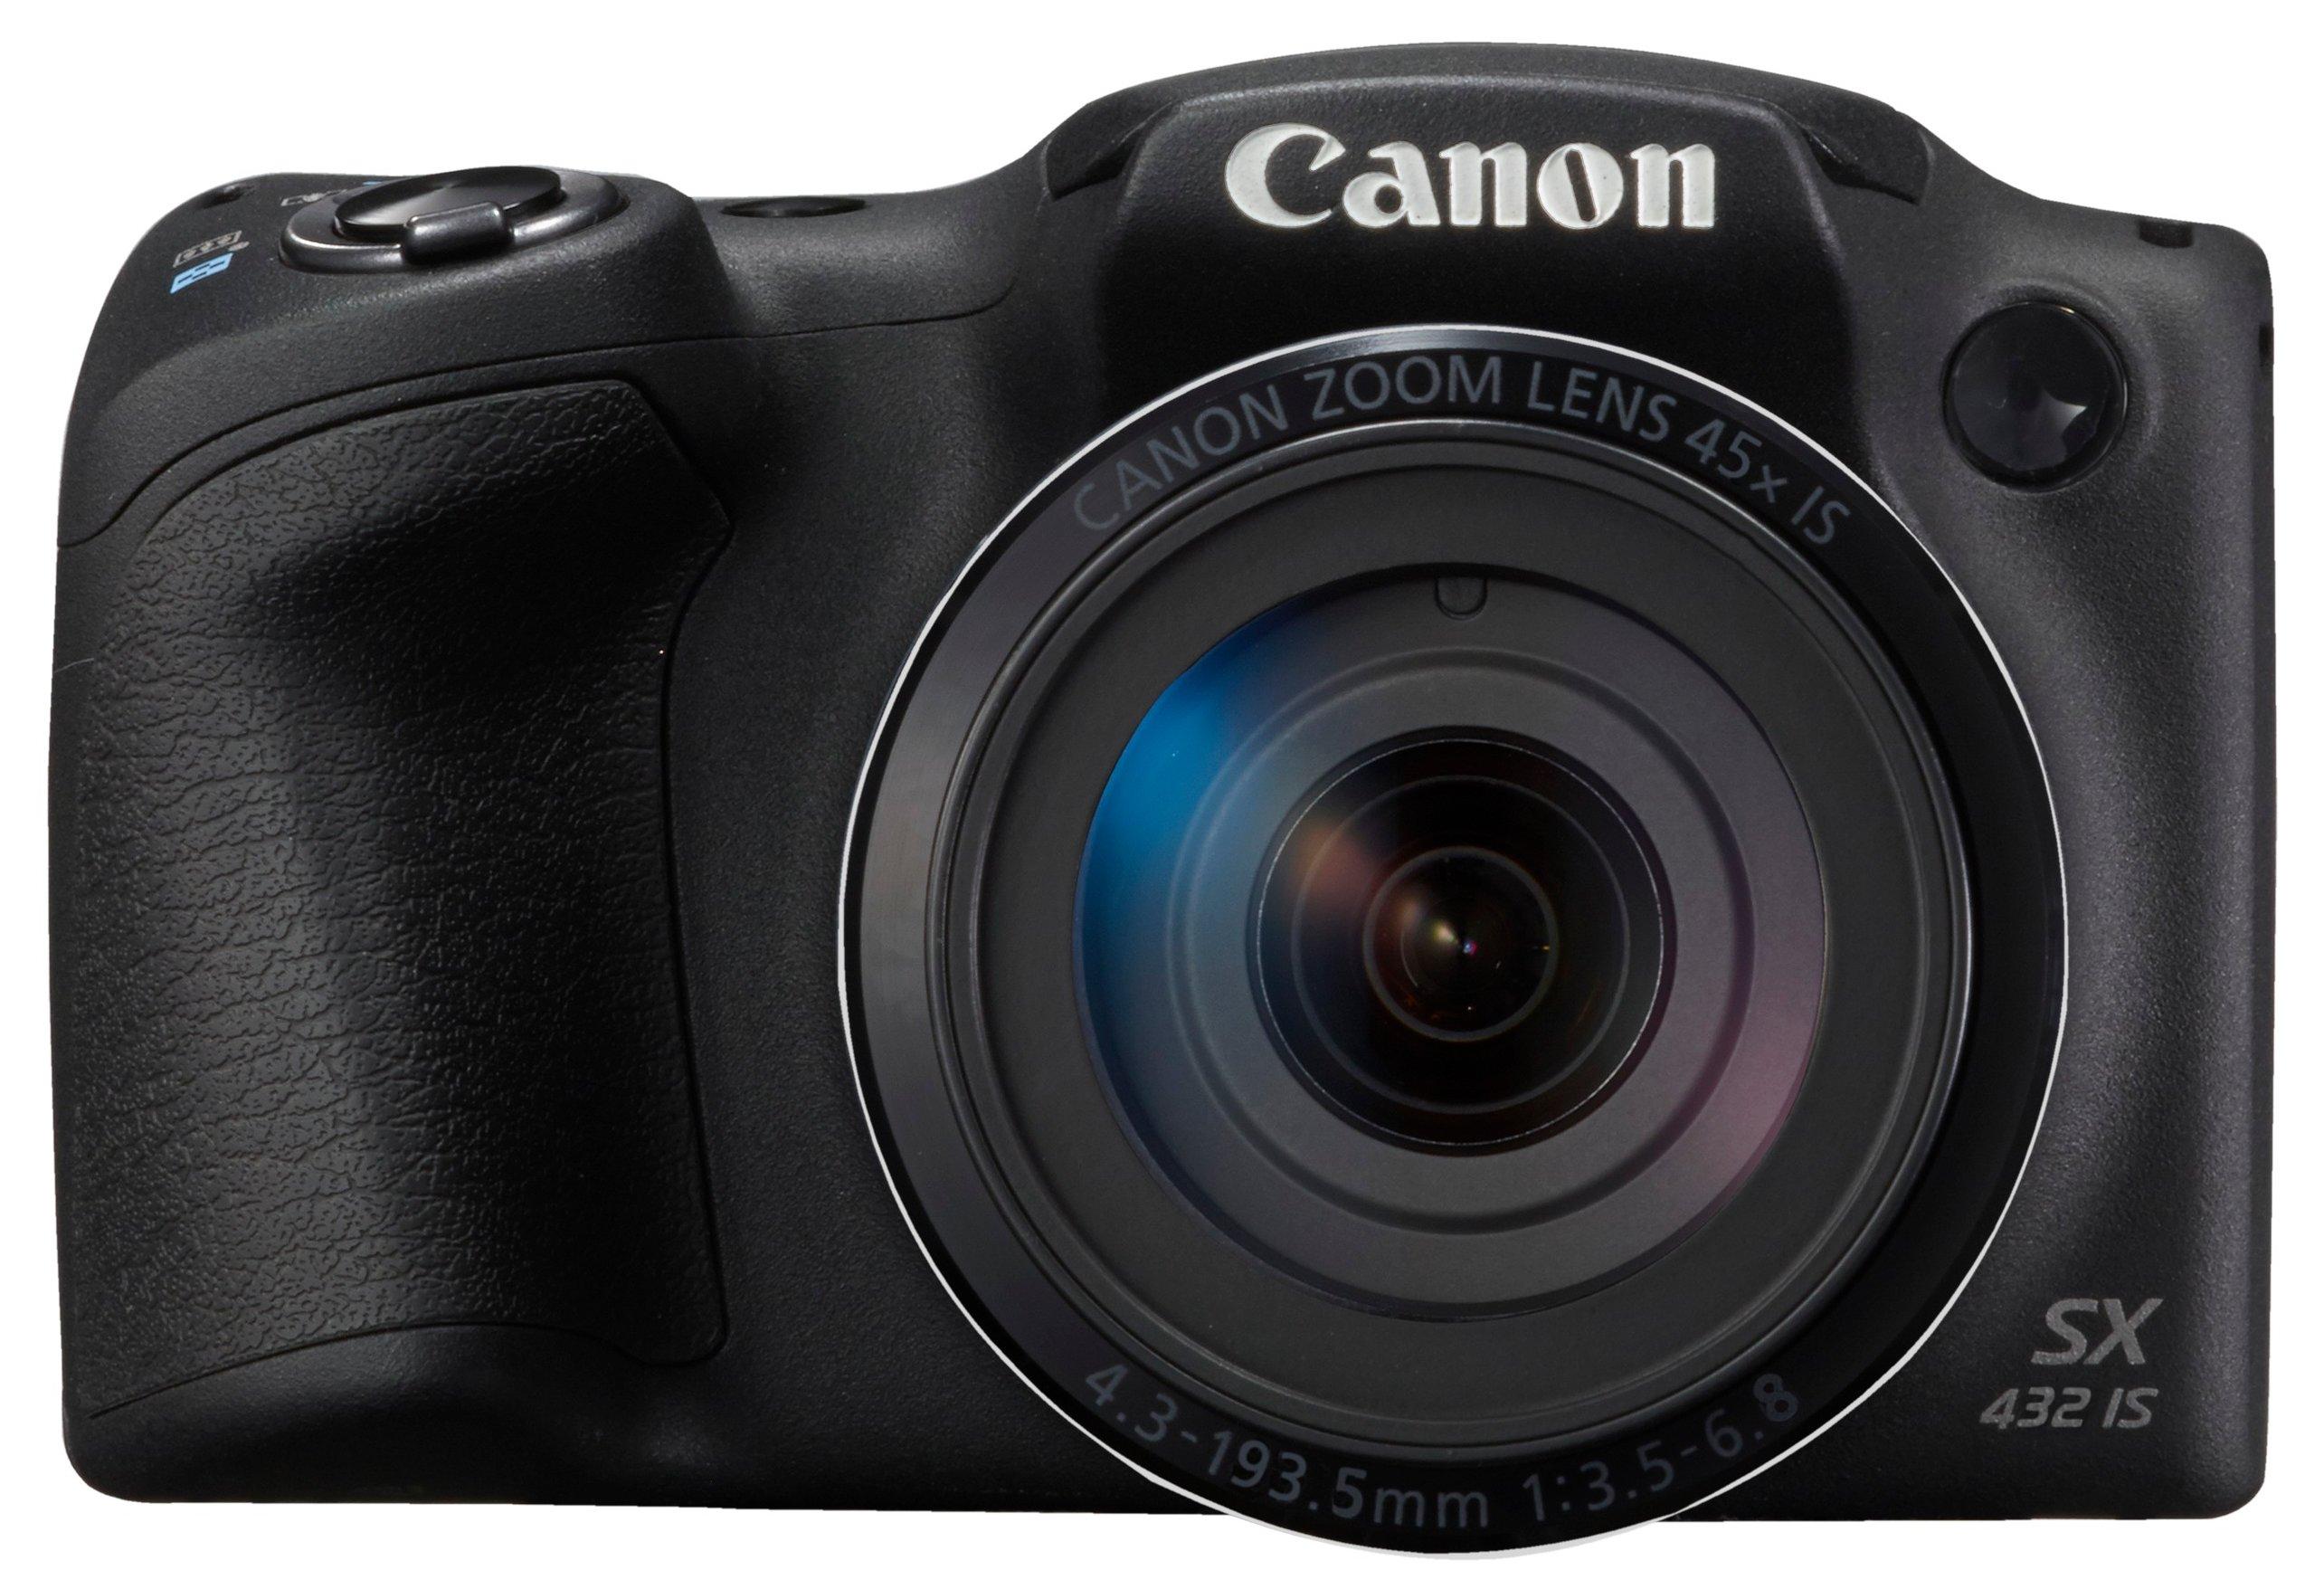 Obraz przedstawiający Aparat CANON PowerShot SX430 IS